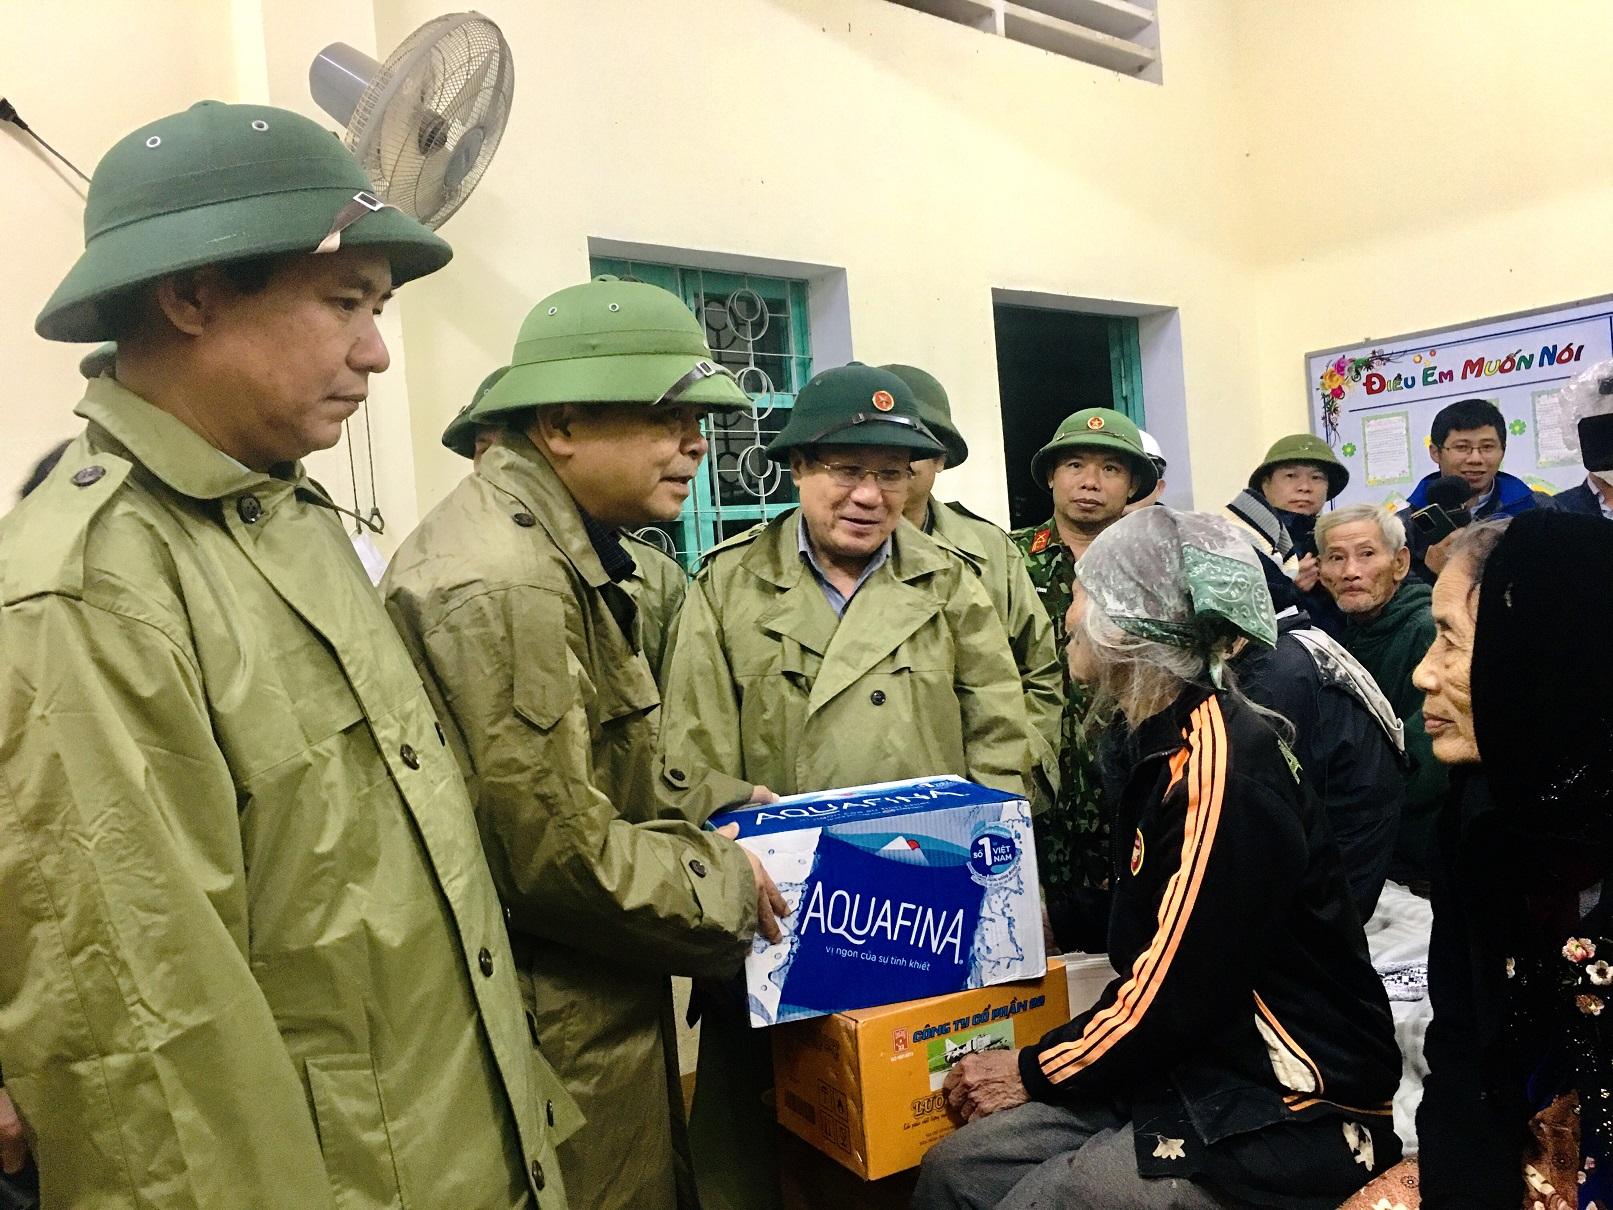 Thứ trưởng Nguyễn Hoàng Hiệp thăm động viên người dân tránh trú bão ở xã Cam Hiếu, huyện Cam Lộ (Quảng Trị) trước khi cơn bão số 13 đổ bộ tối ngày 14/11/2020